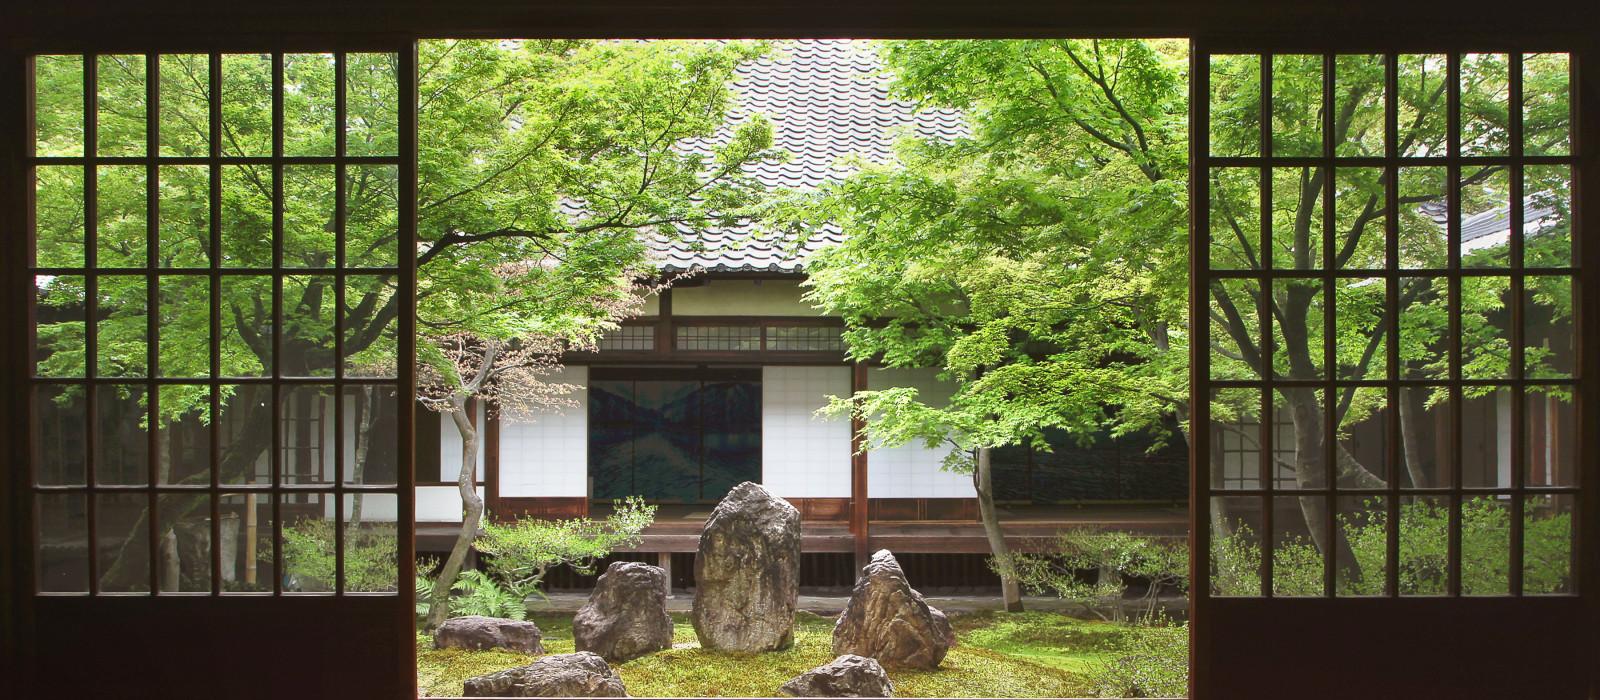 Blick von drinnen auf den japanischen Garten in Kyoto, Japan